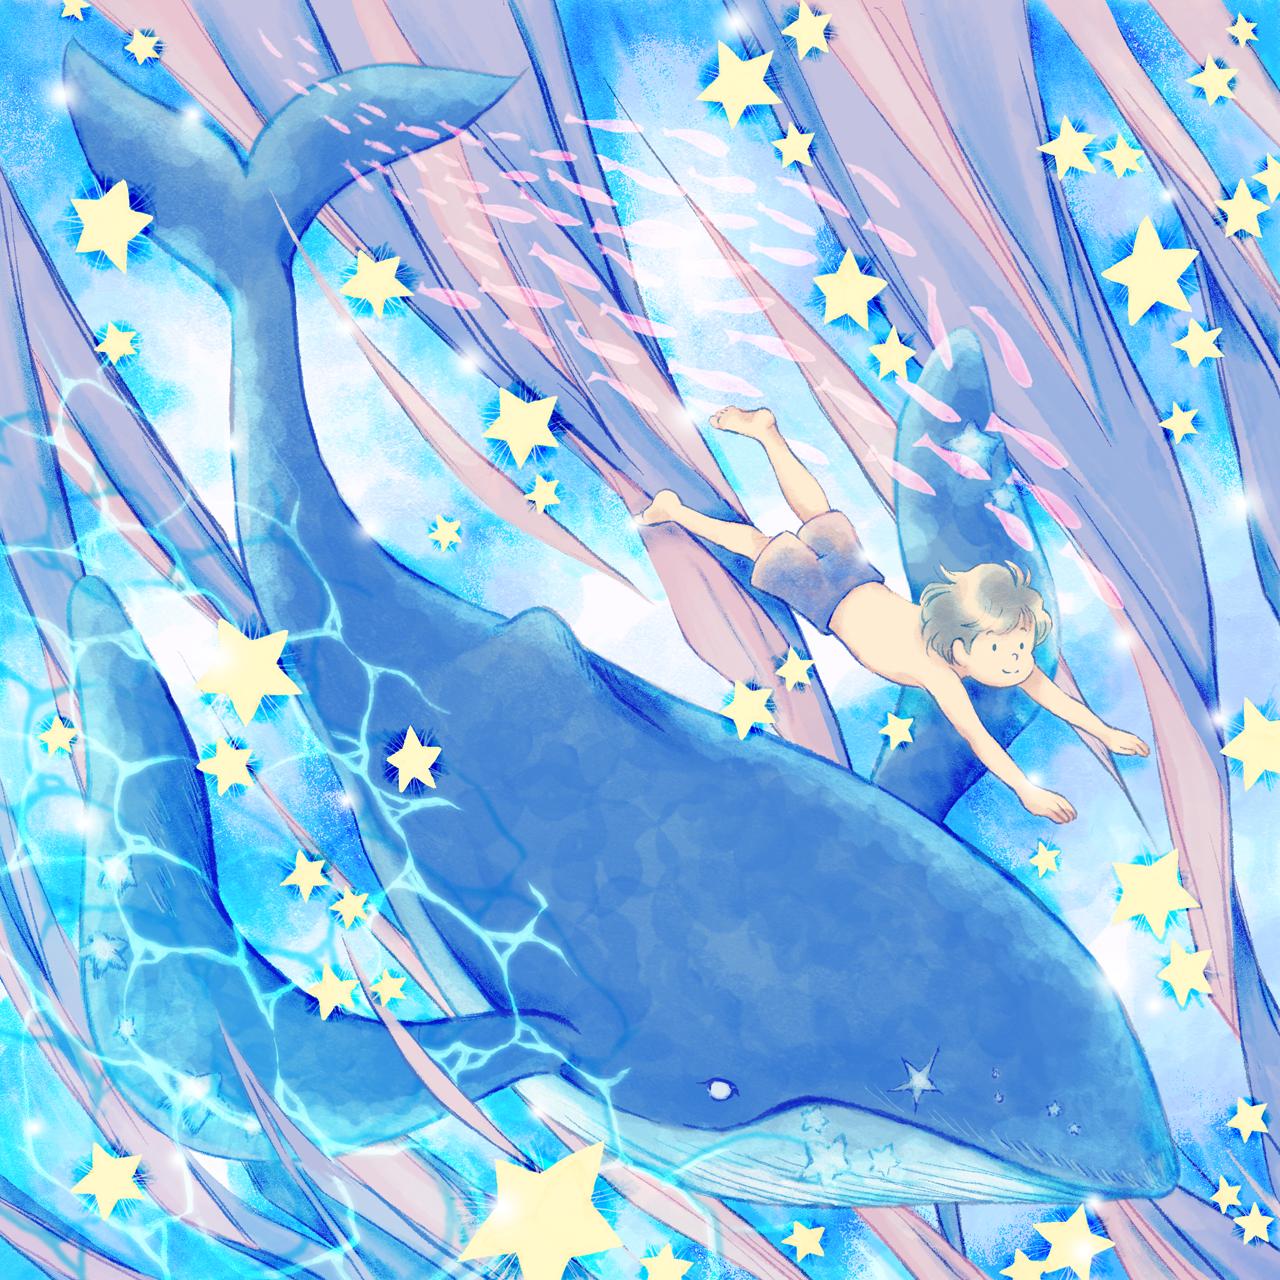 クジラと泳ぐ子どもイラスト